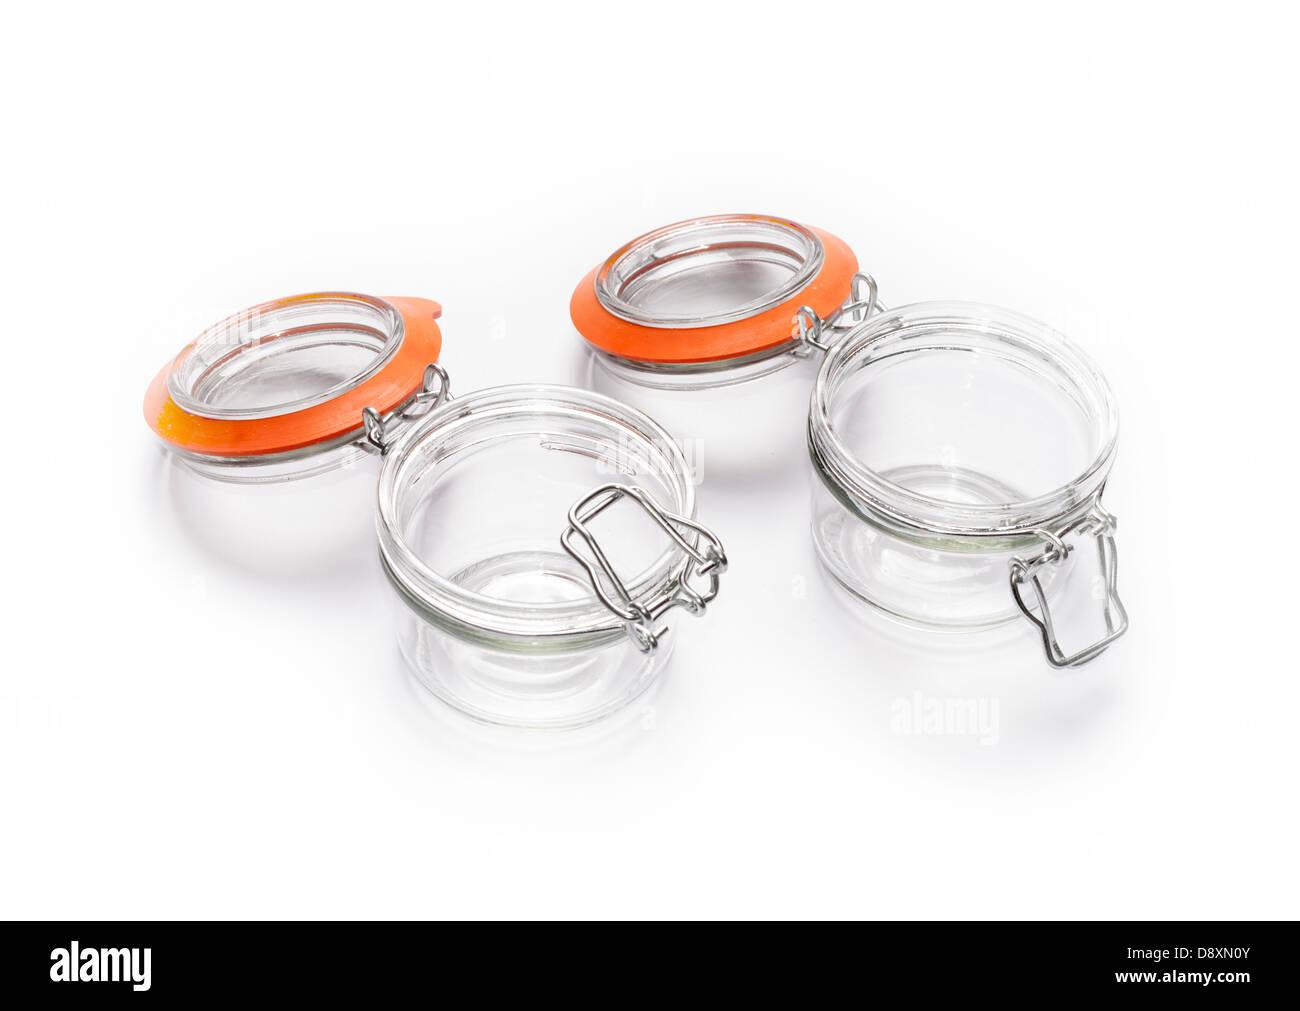 Kilner style preserves Jars - Stock Image